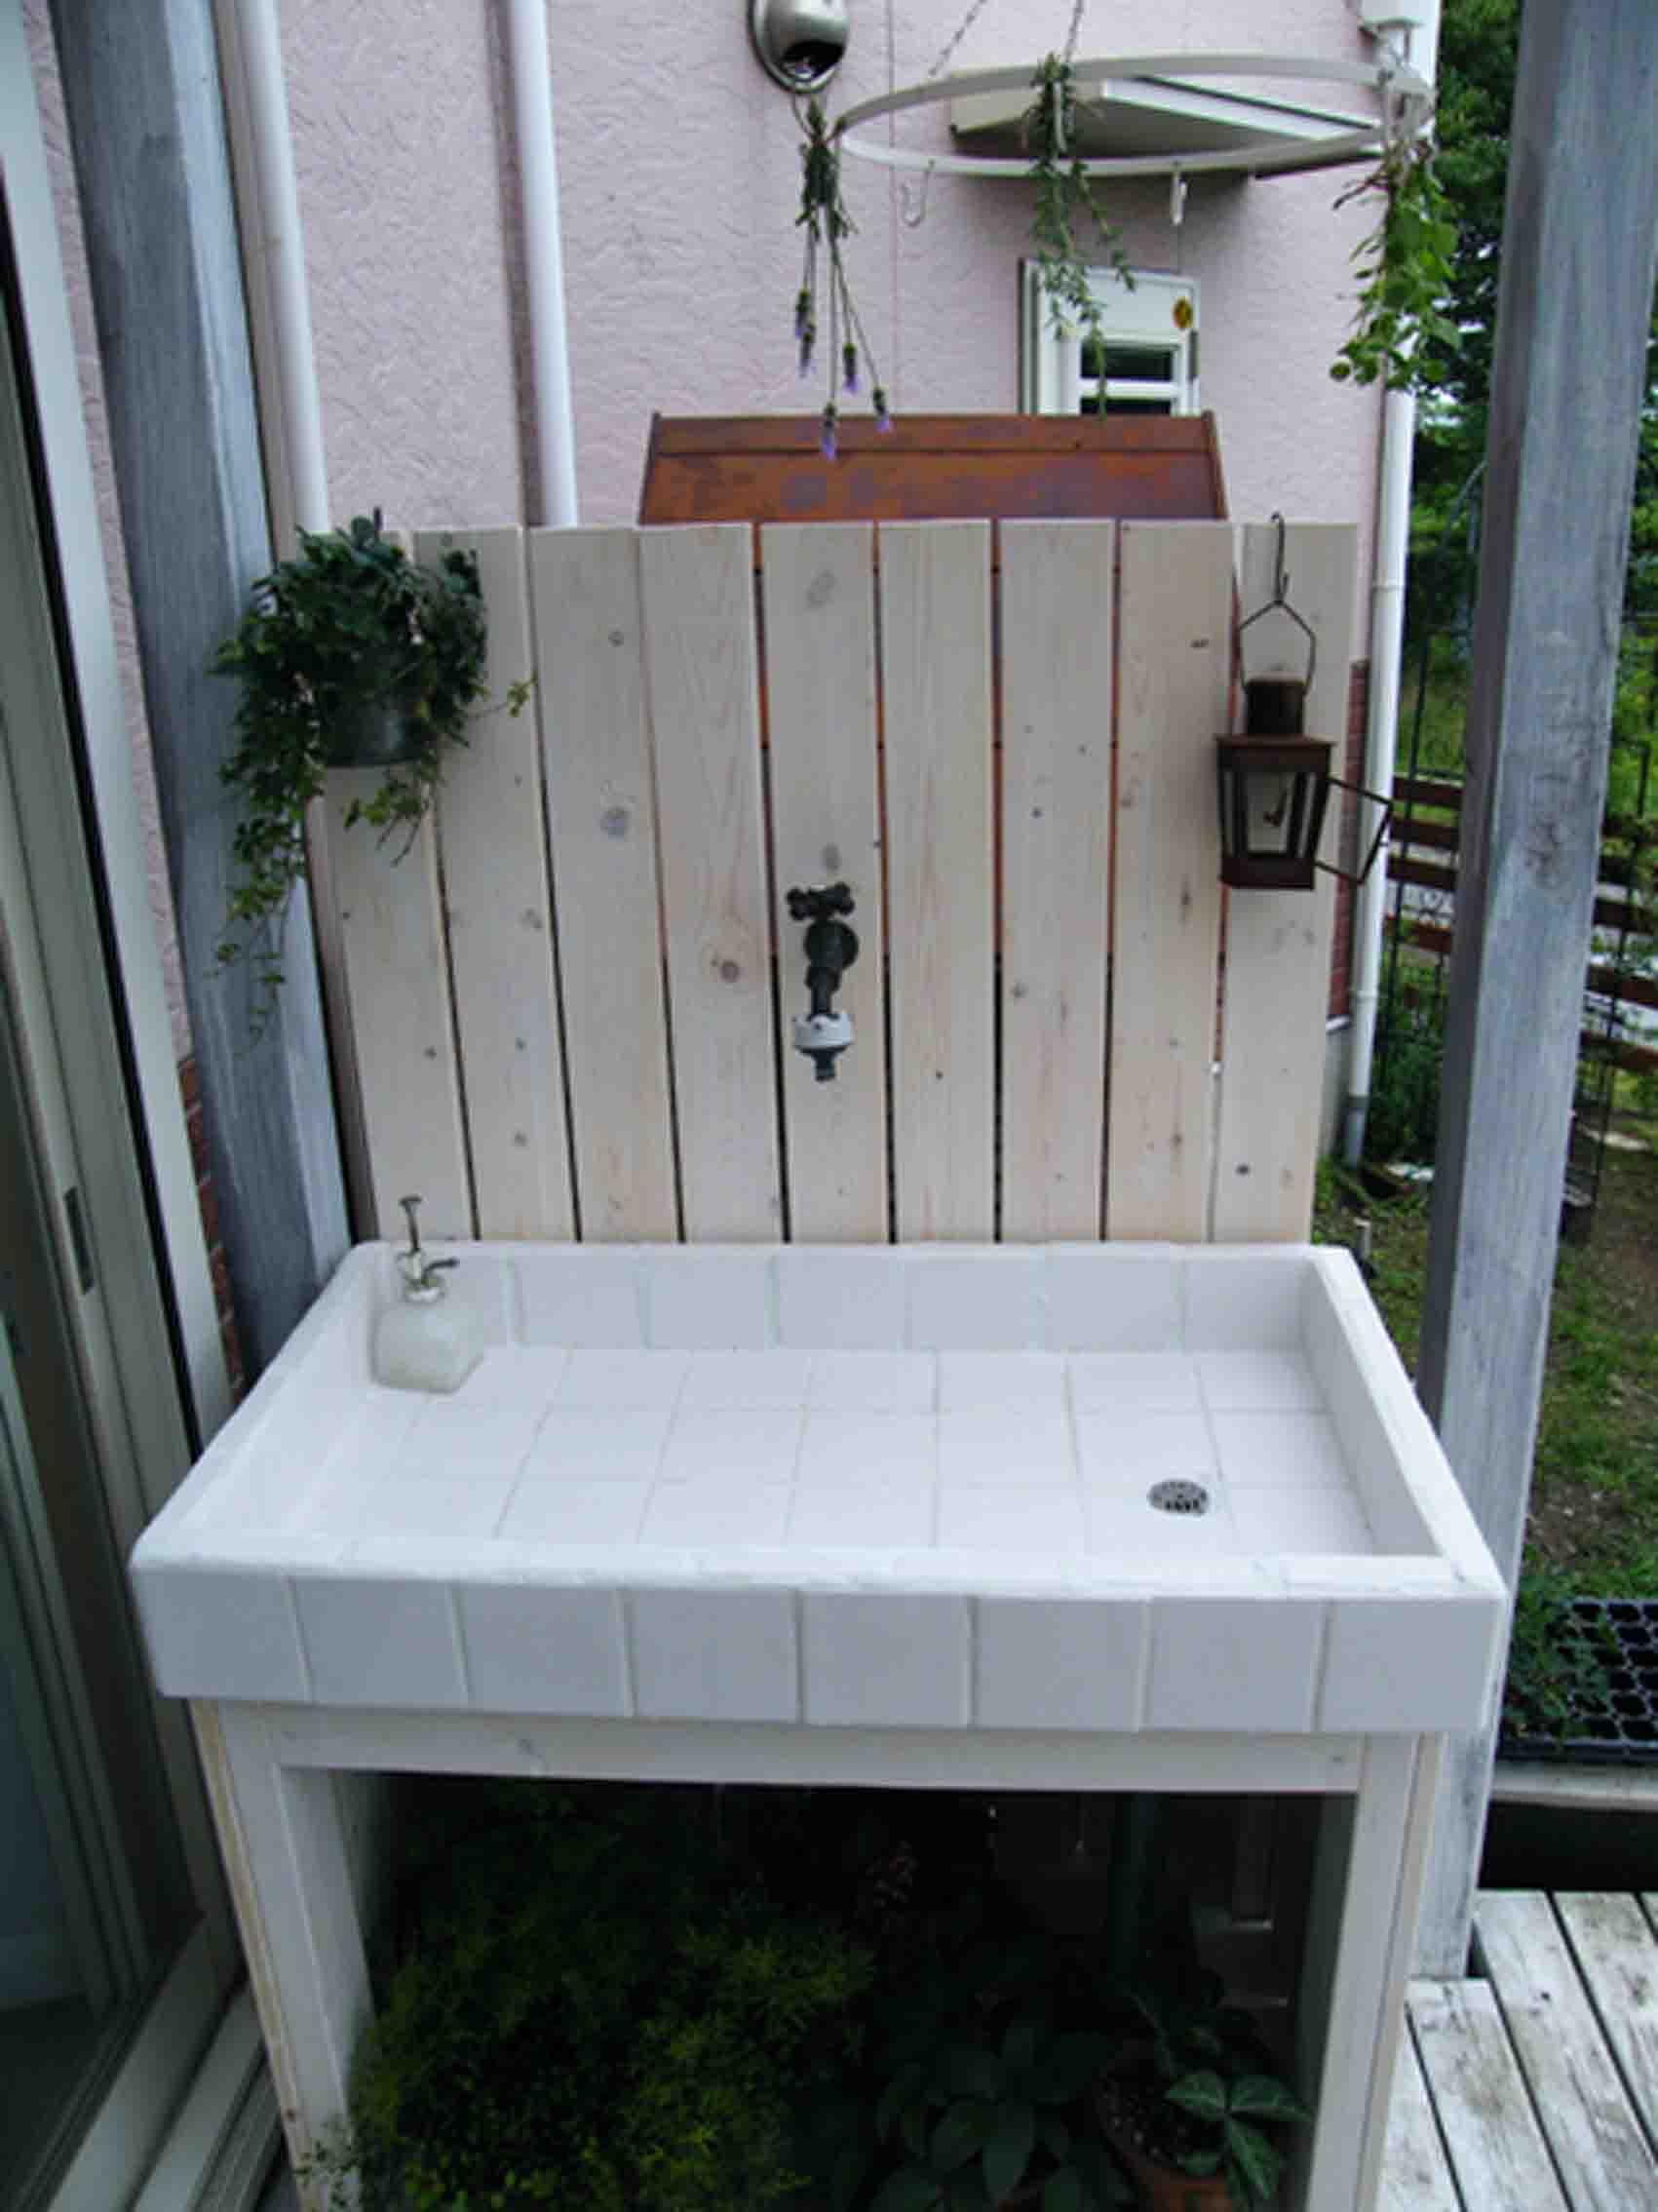 ガーデニングで、洗い物をするのに、流し台を置きたくなりました。のサムネイル画像